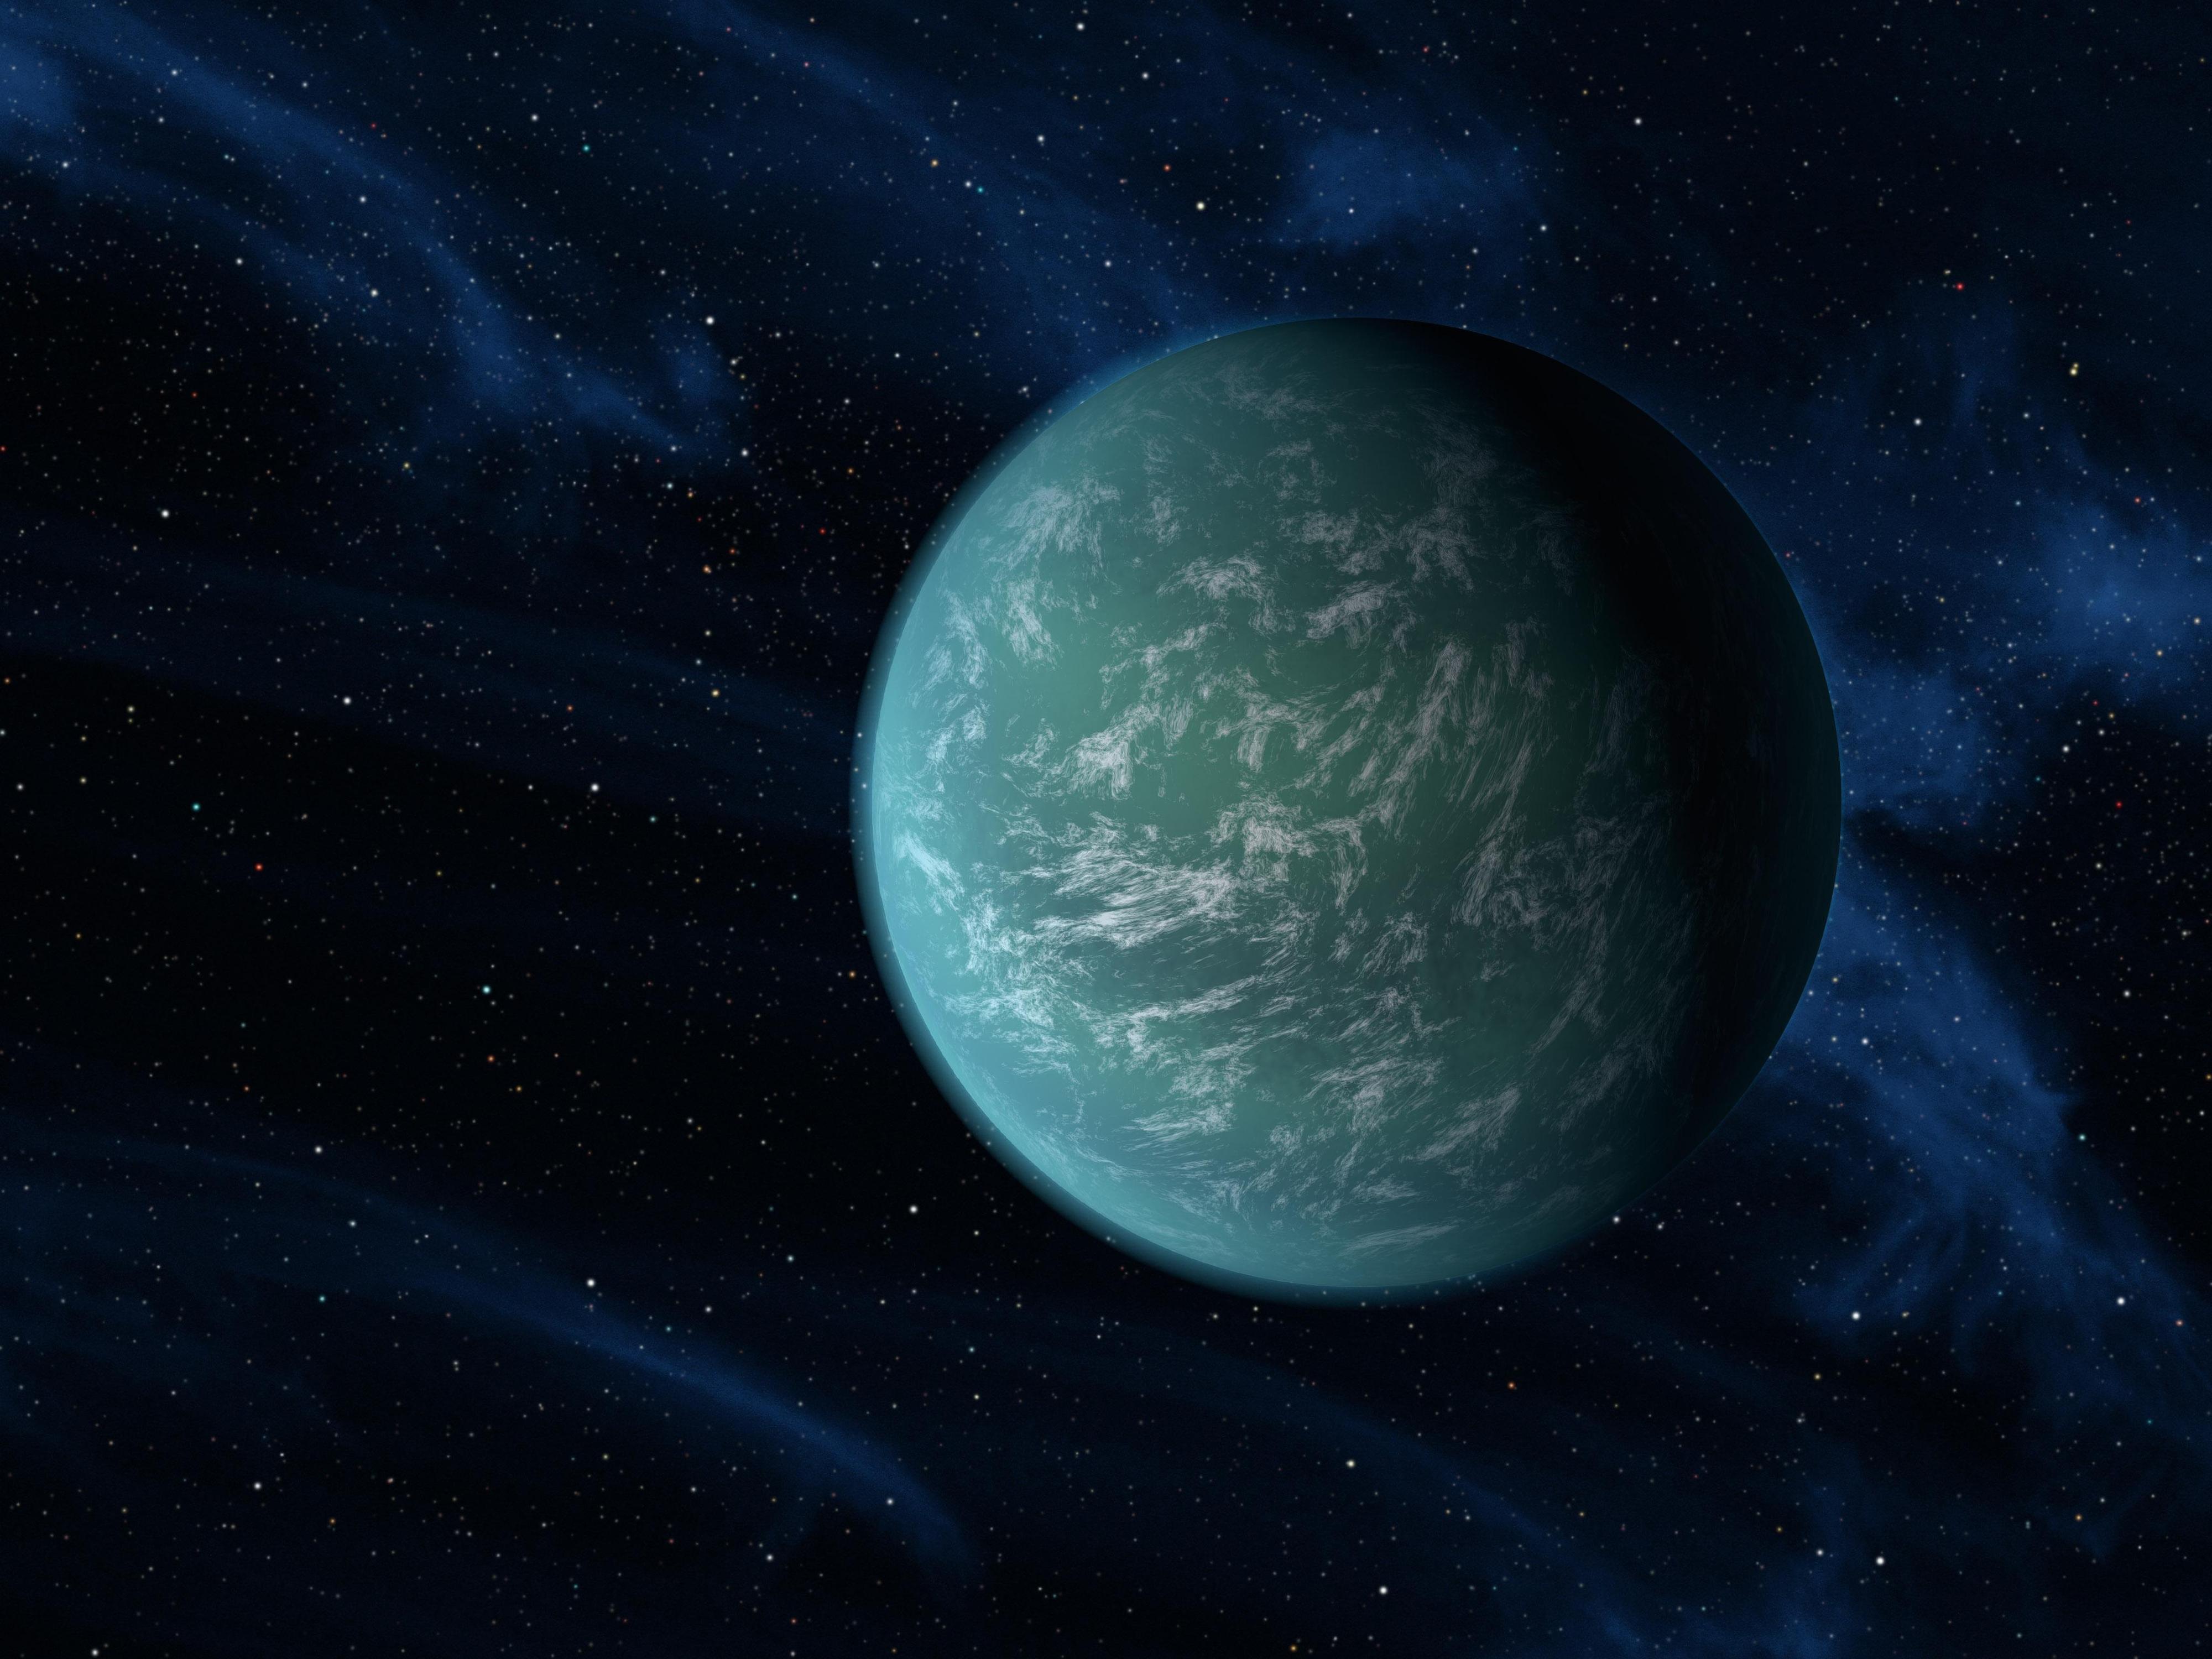 Kunstnerisk framstilling av Kepler-22b, den første oppdagede eksoplaneten i den beboelige sonen. Foto: Ames/JPL-Caltech